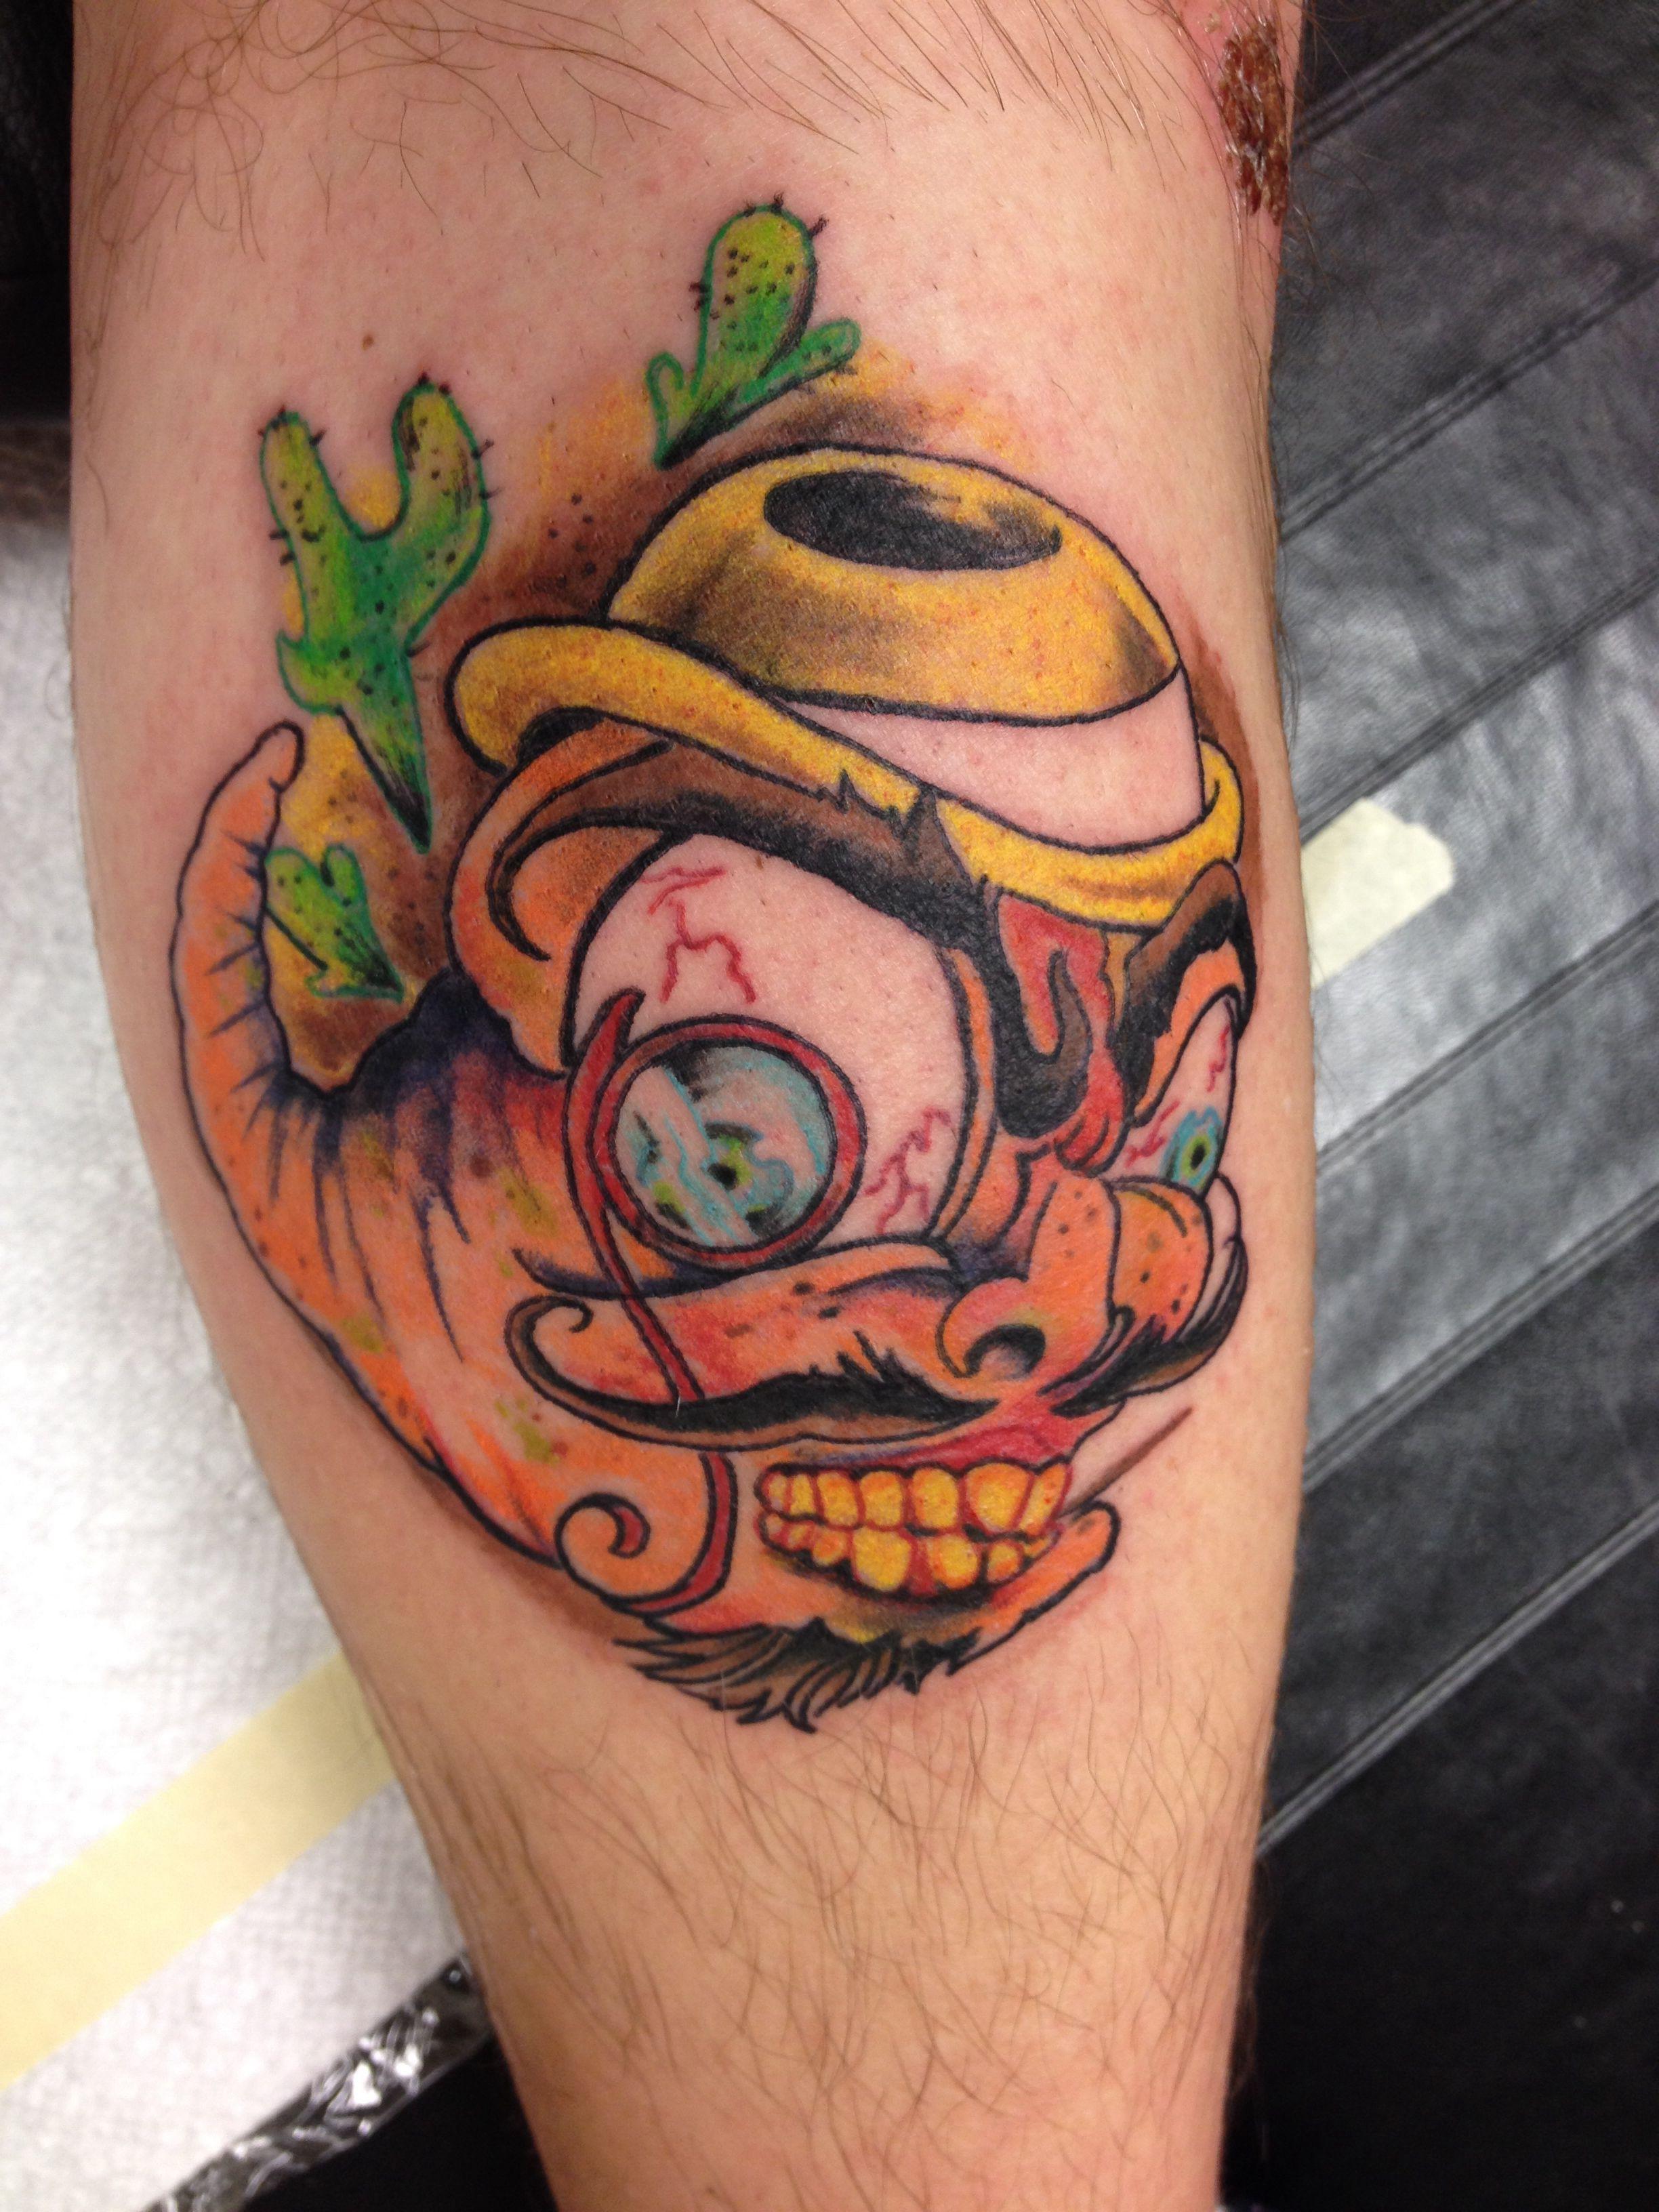 Grimy tequila worm tattoo | Tattoos | Pinterest | Tattoo